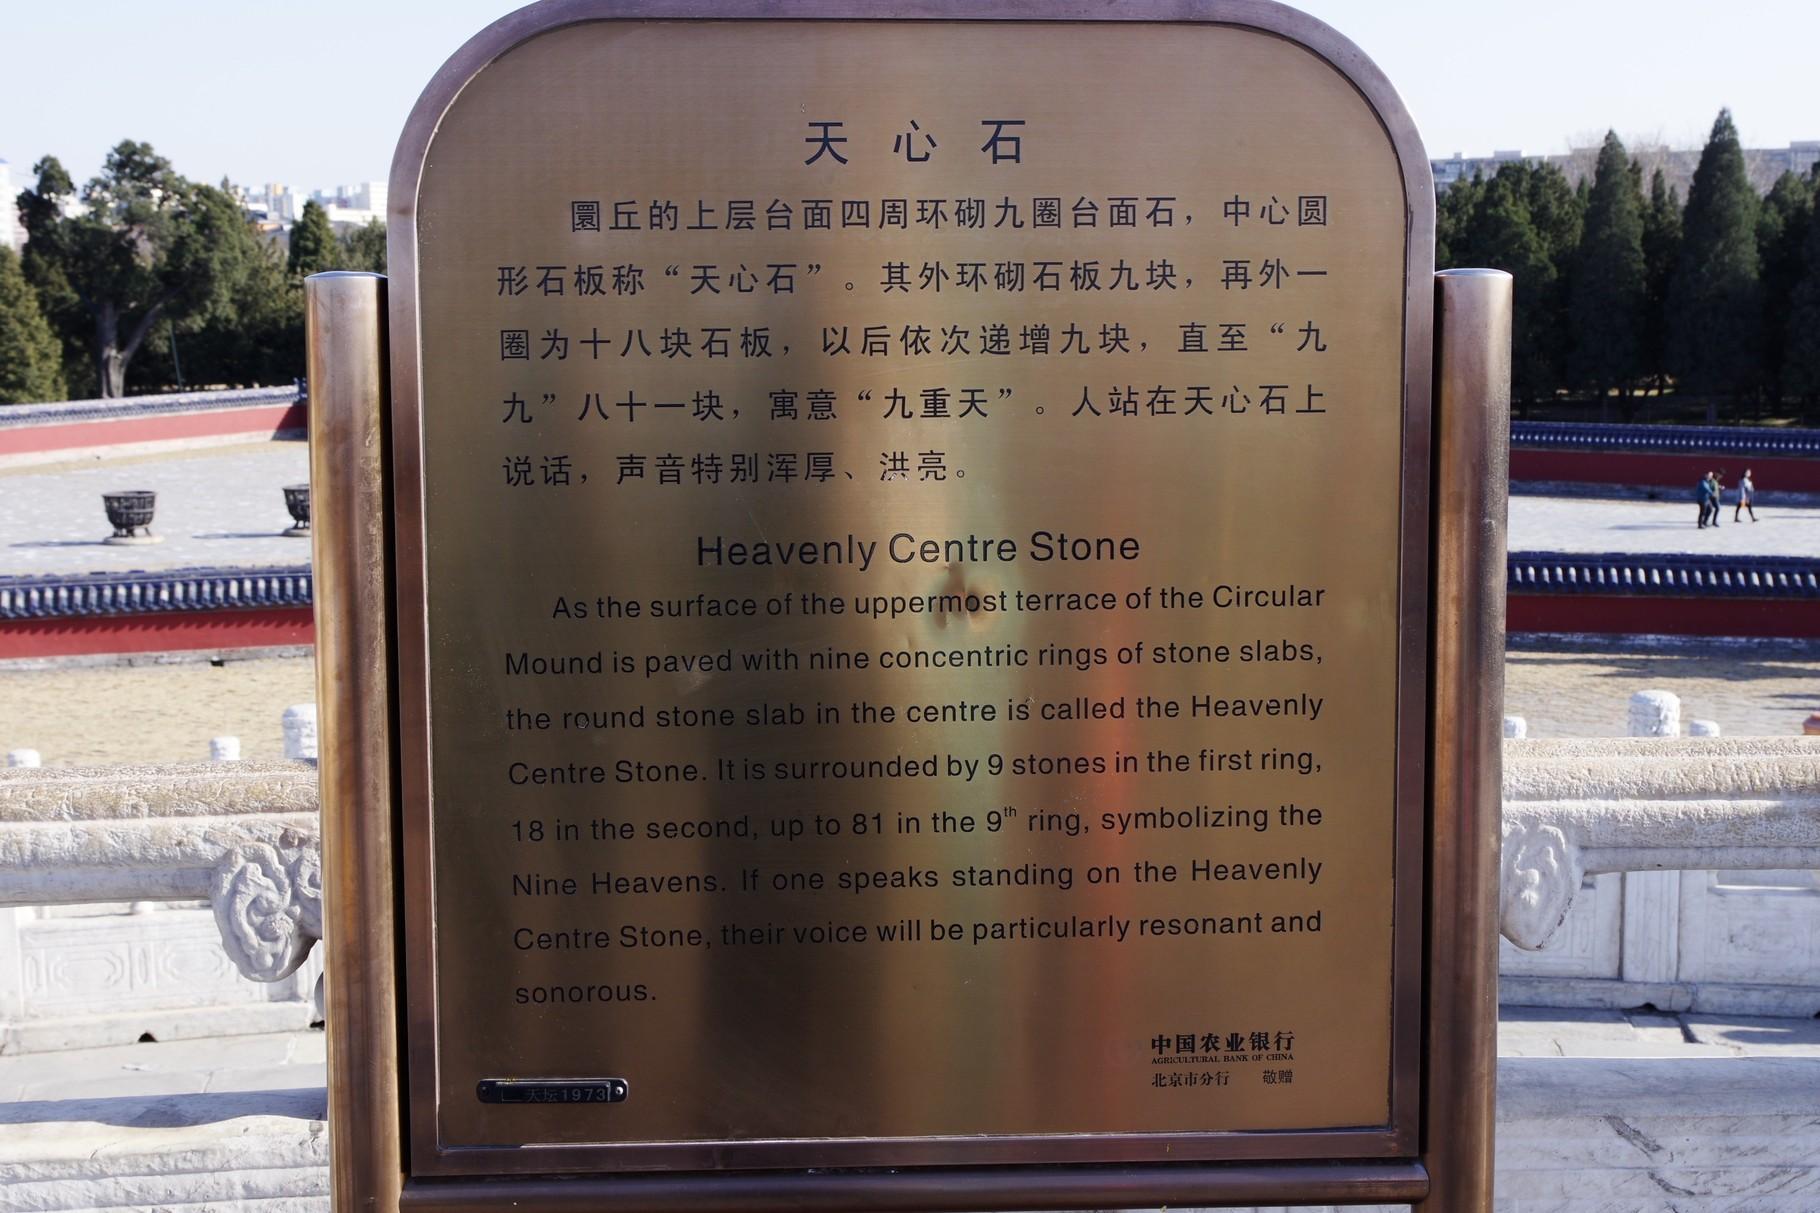 円丘壇の中心が天心石